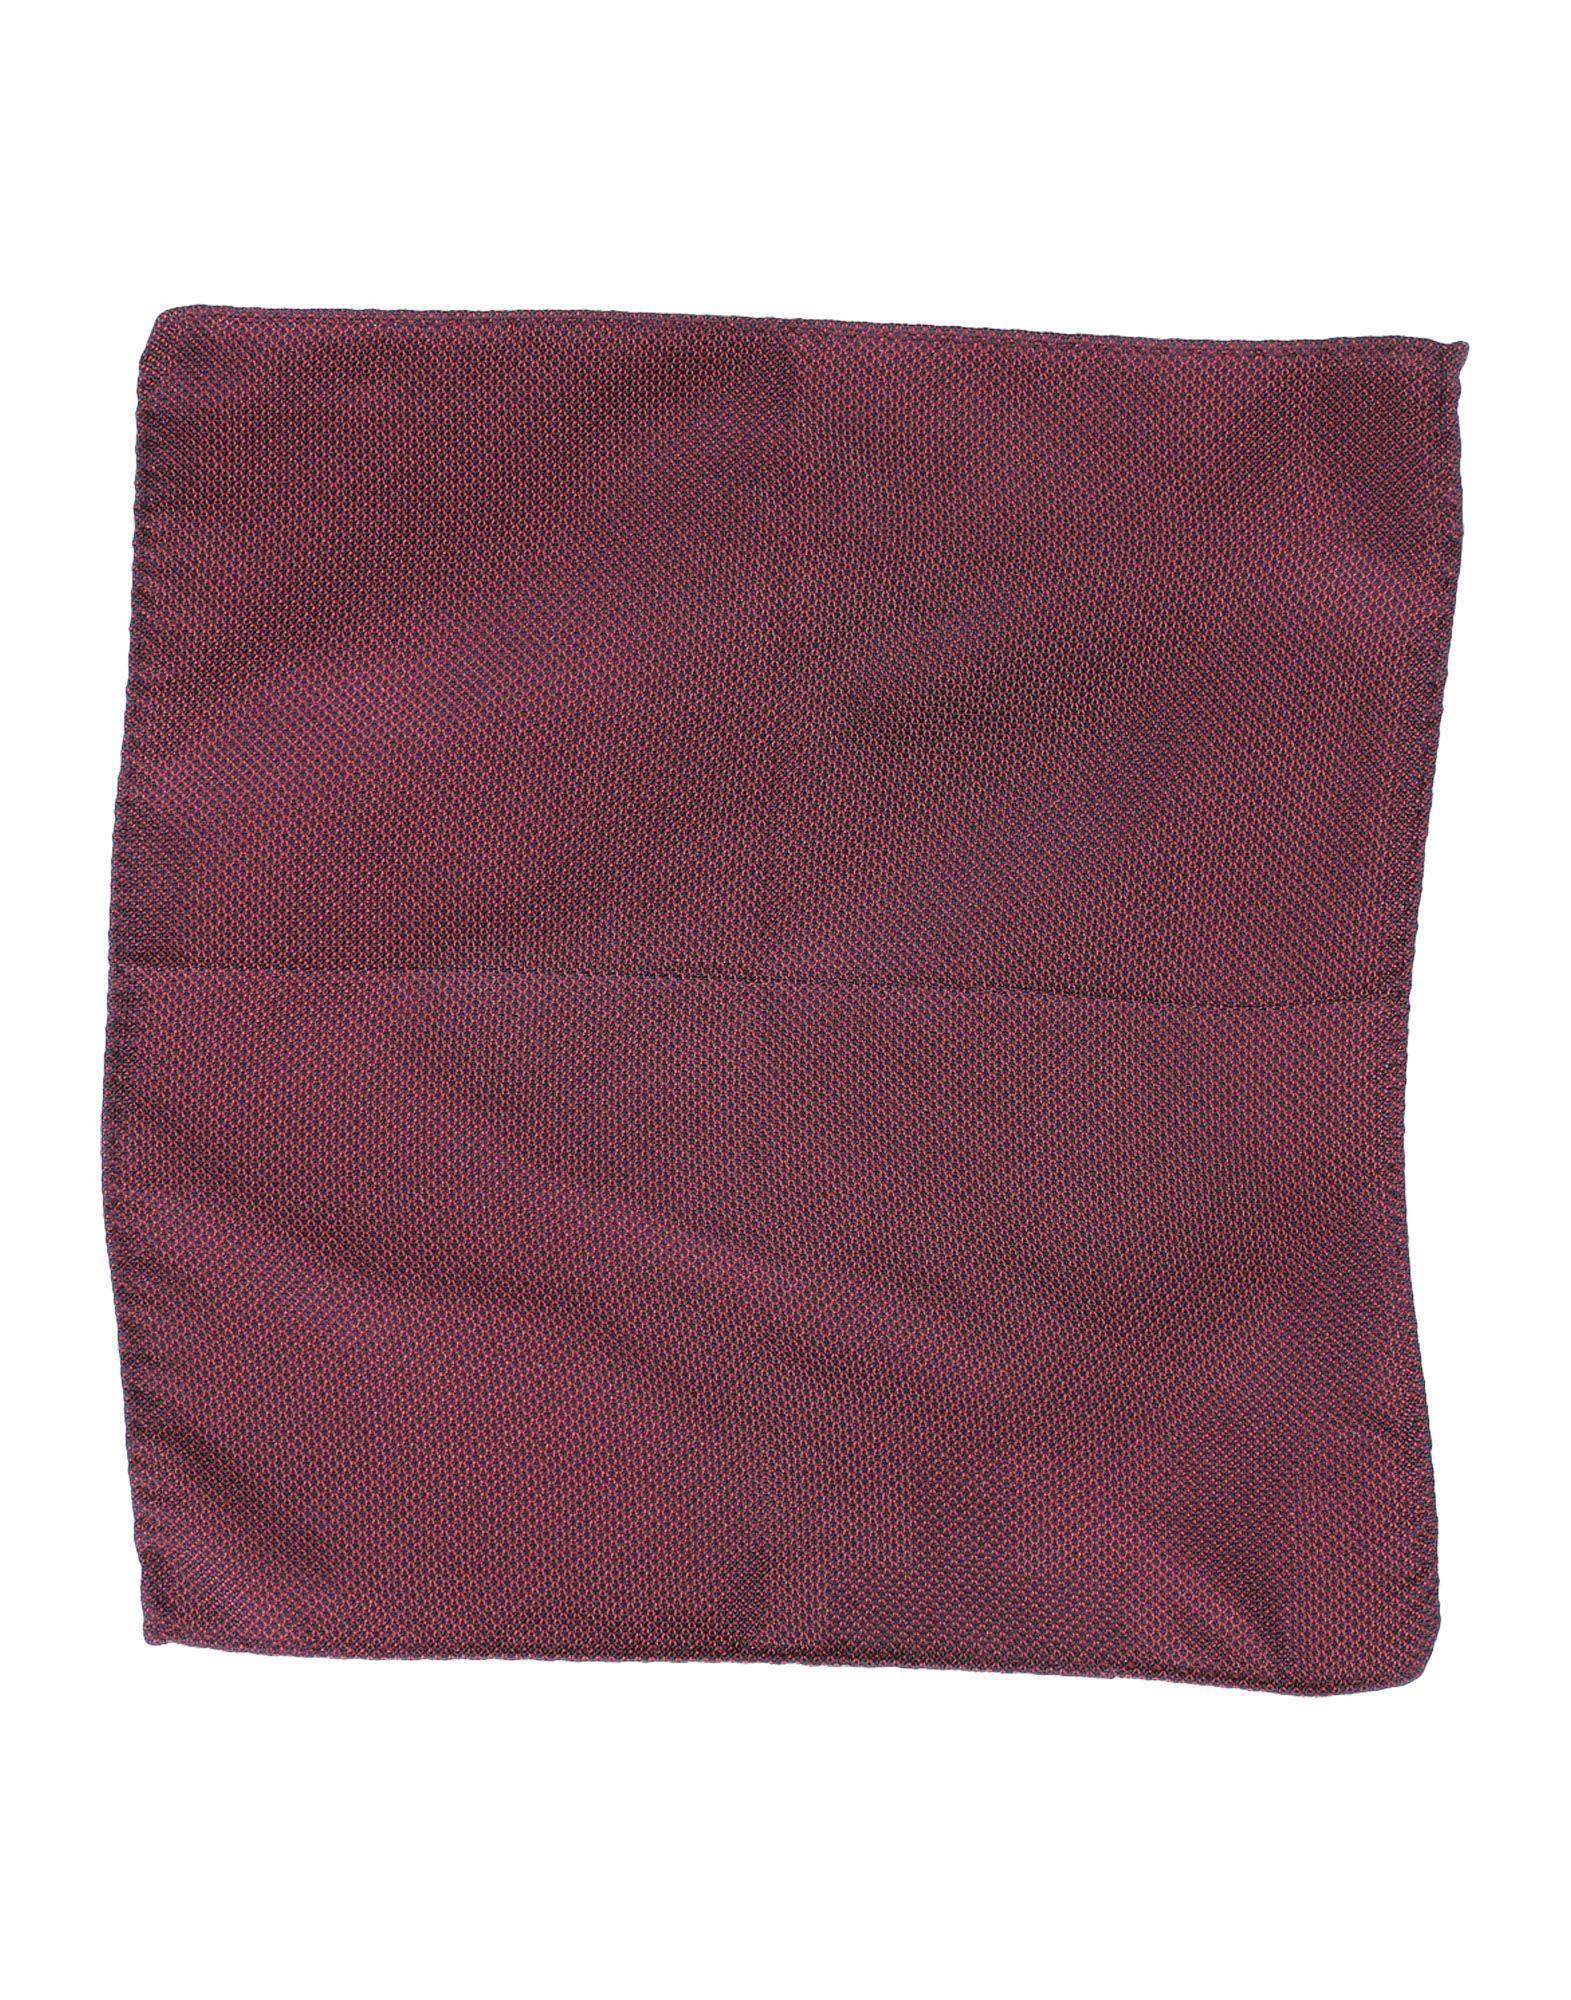 【送料無料】DSQUARED2 メンズ スカーフ ボルドー シルク 100%